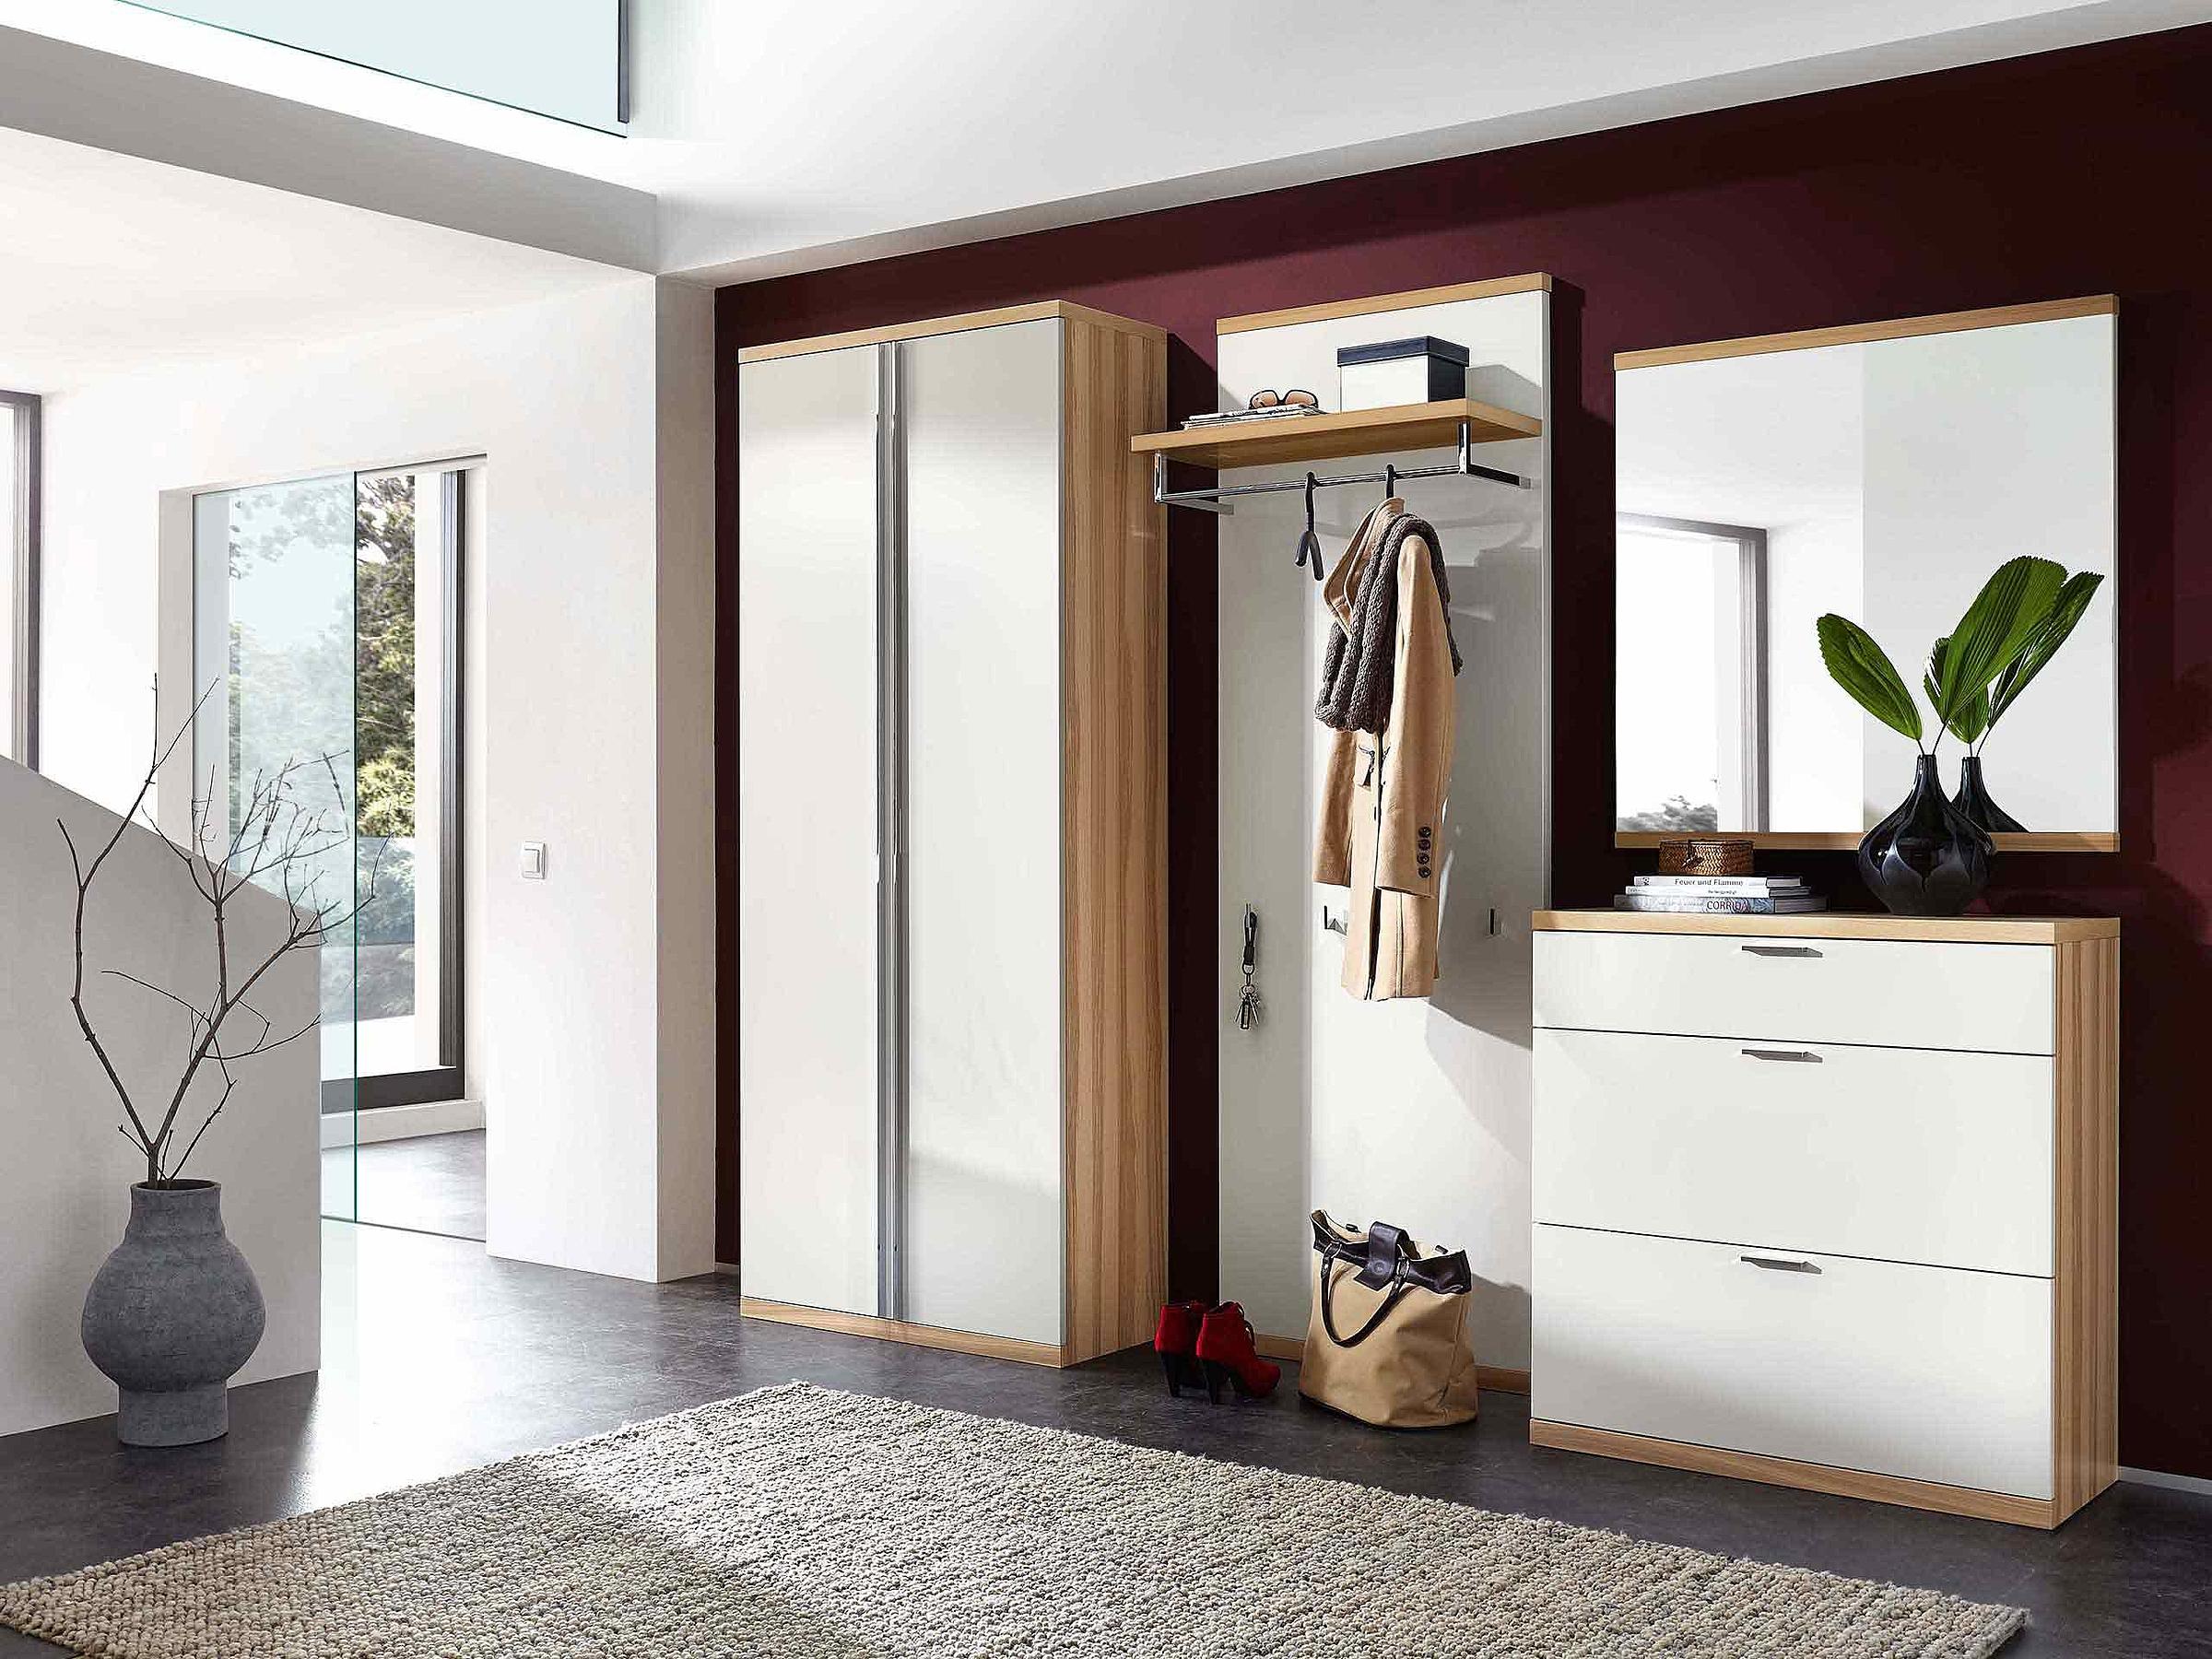 Garderobenschrank Garderobenpaneel Schuhschrank Spiegel Garderobe Siena Lack weiß Holz Kernesche